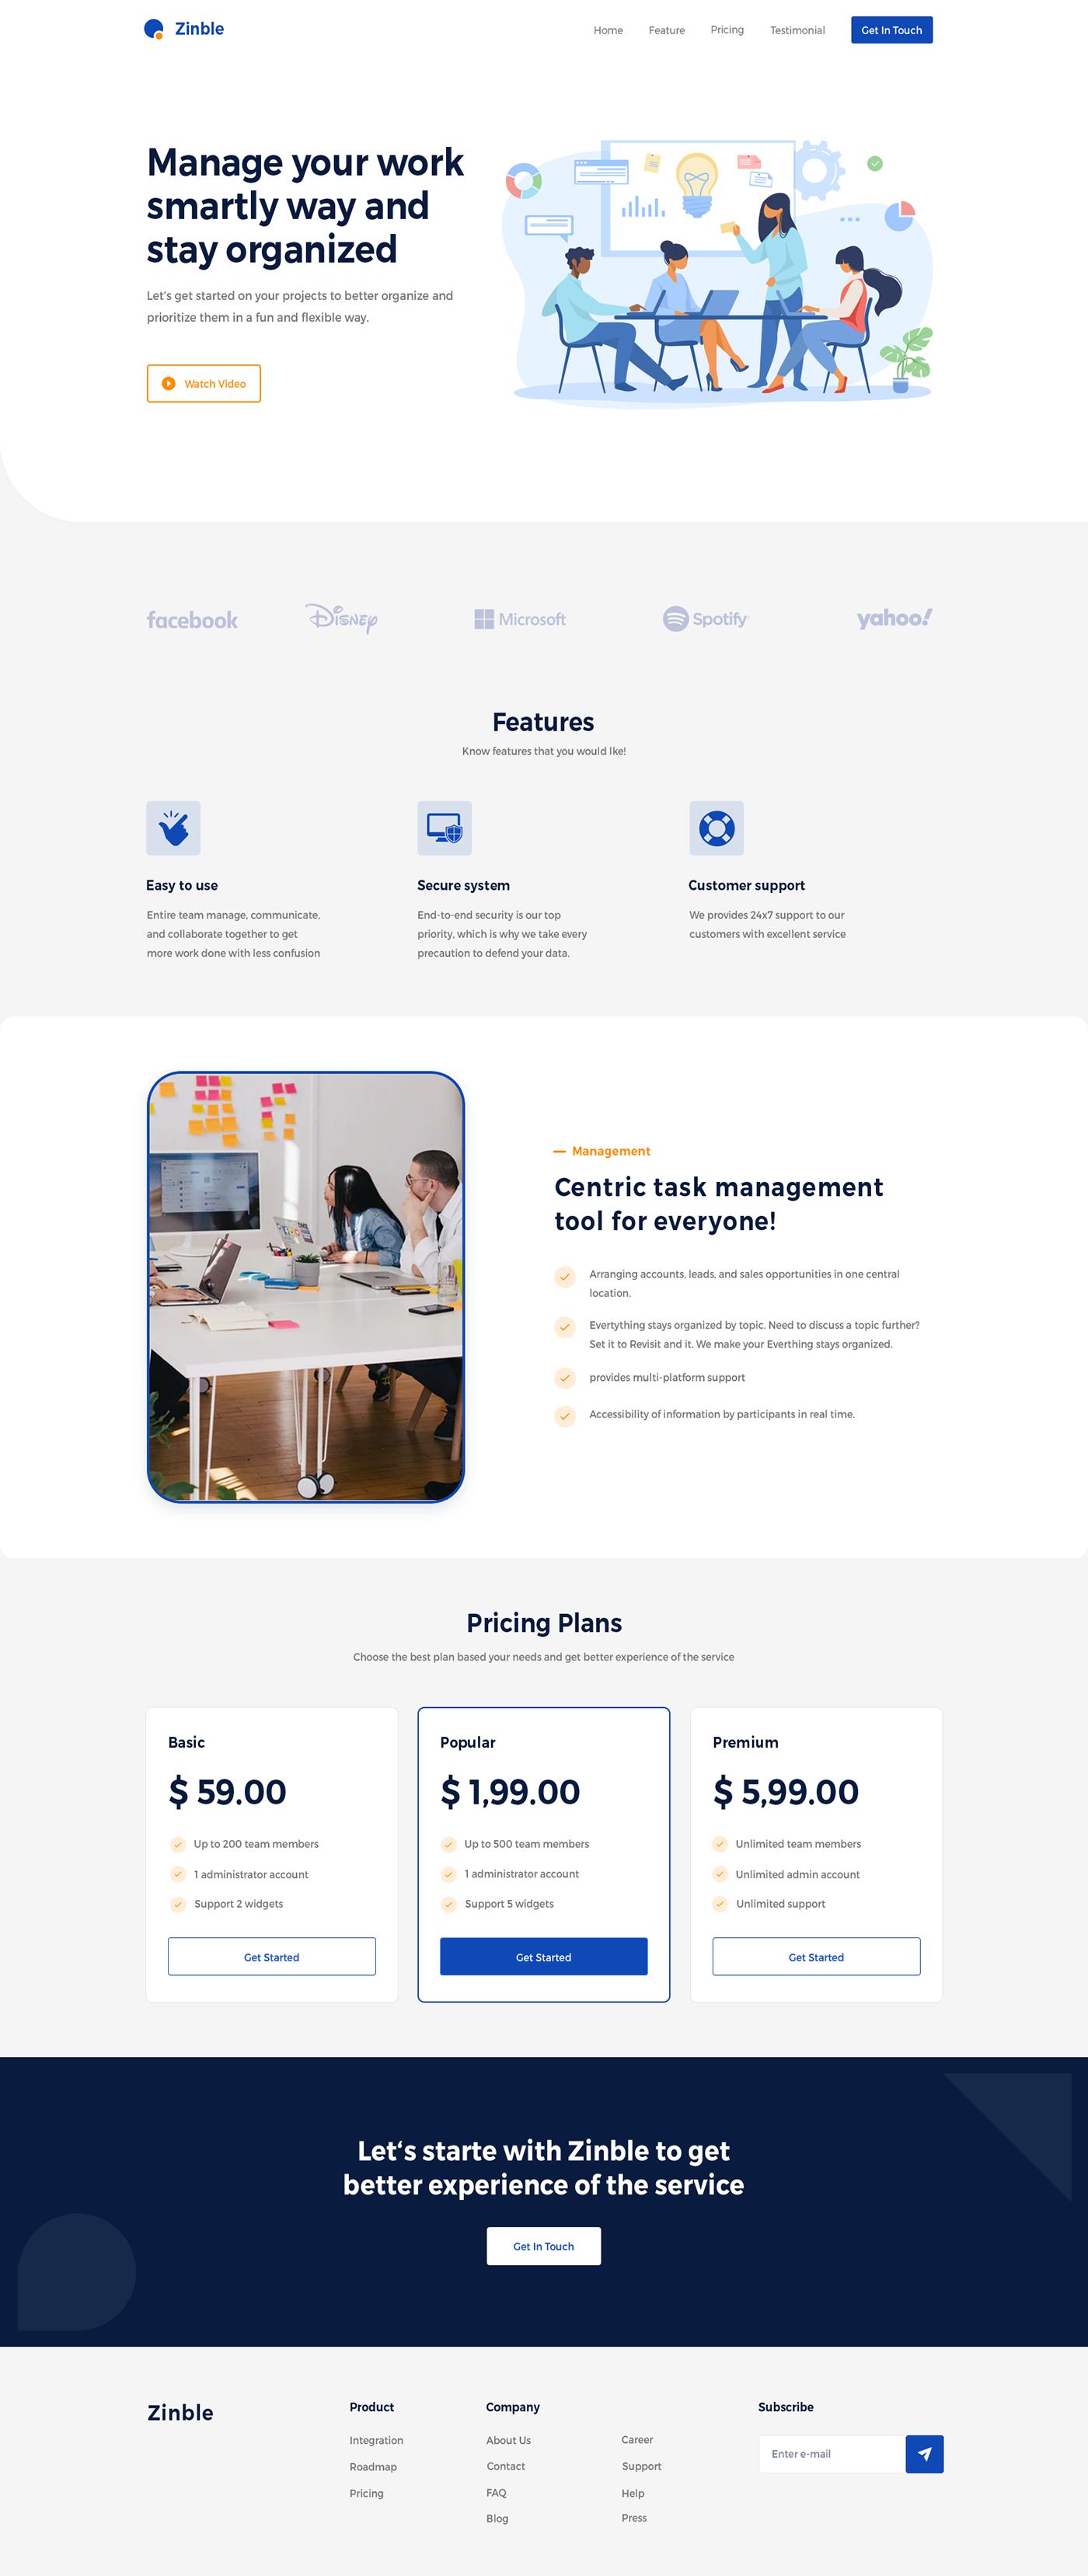 branding  Design Inspiration home page design landing page marketing page task management trending design